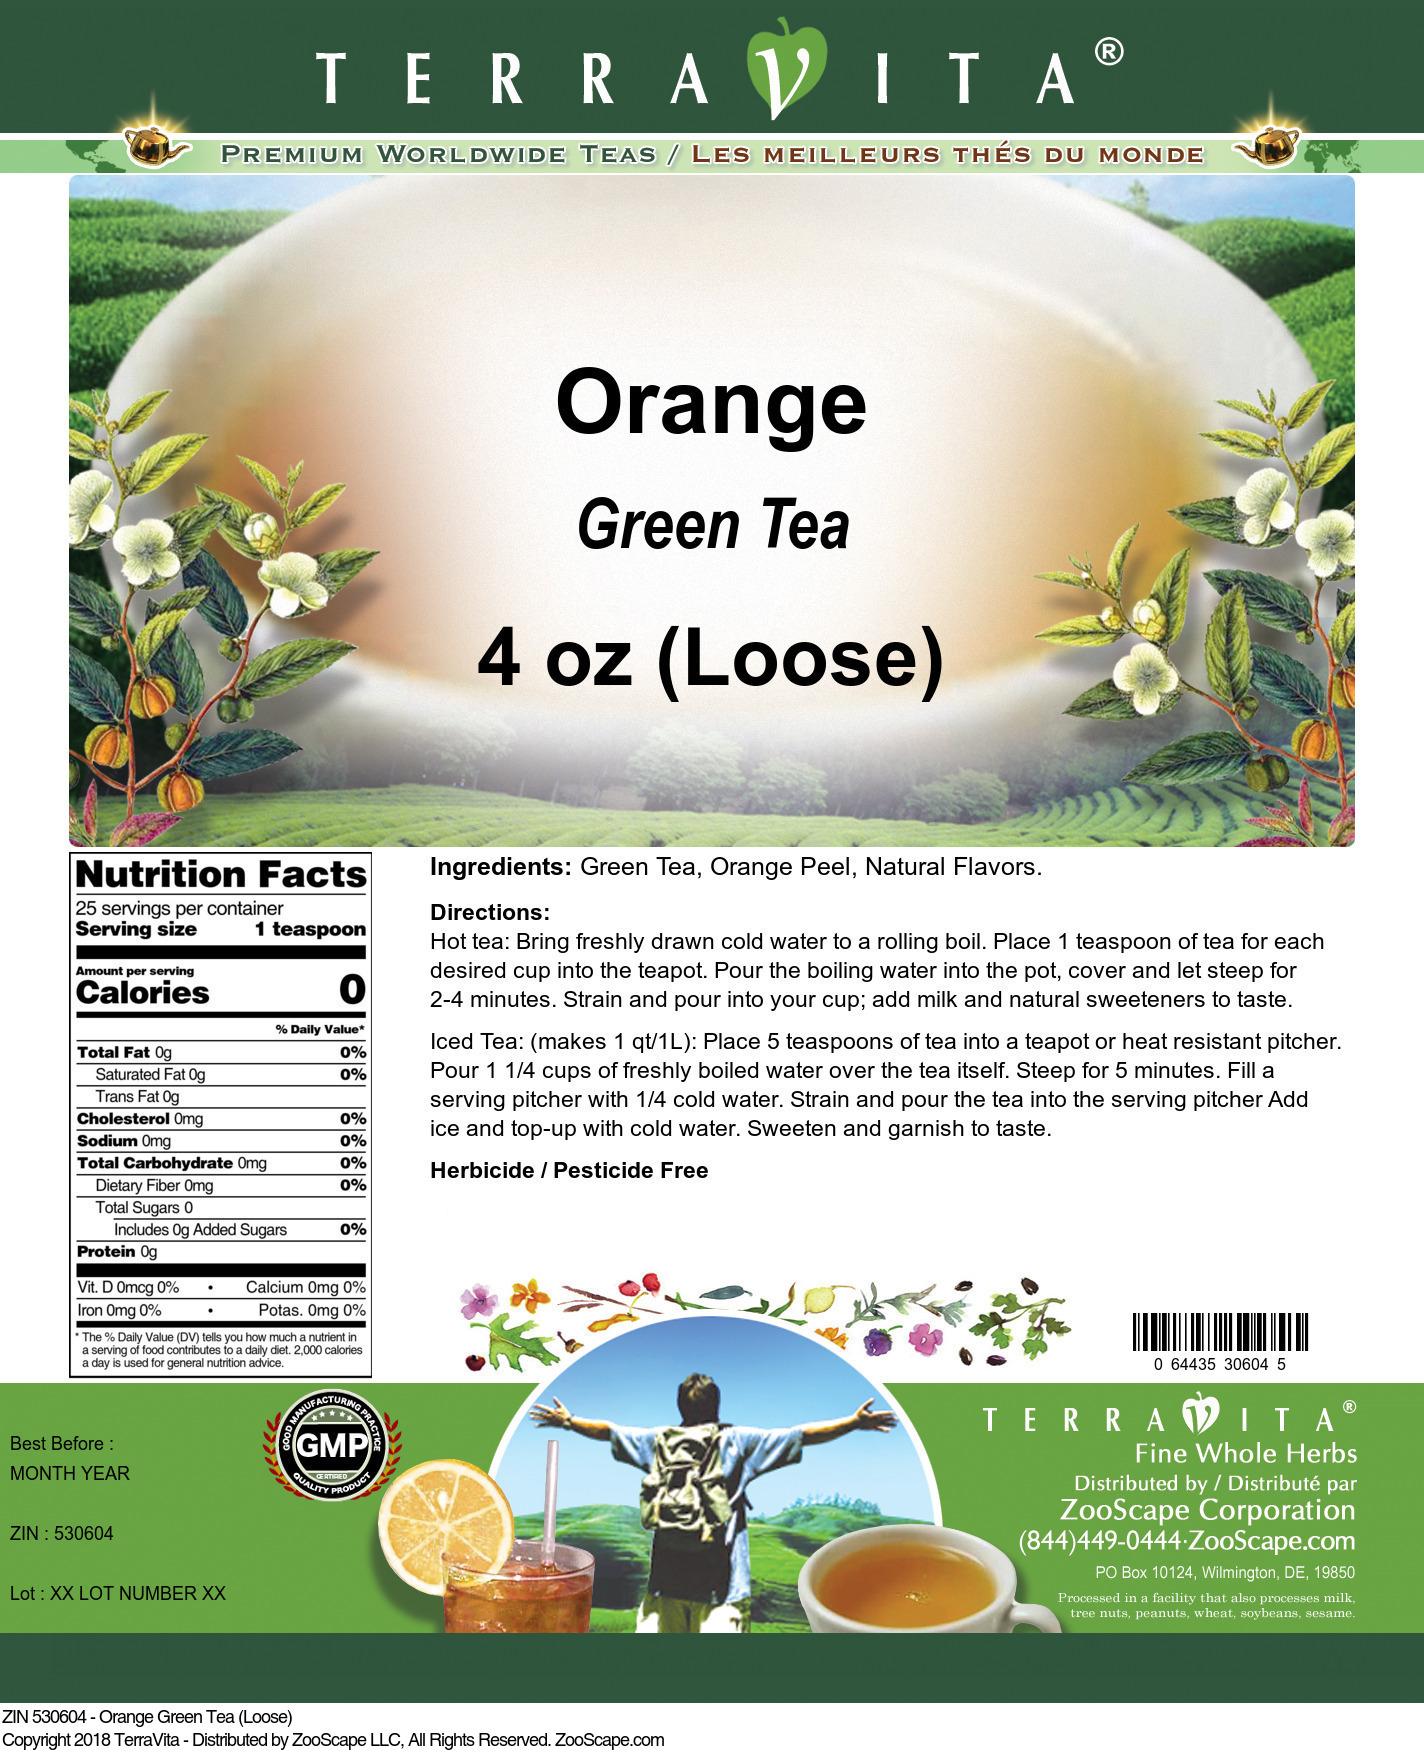 Orange Green Tea